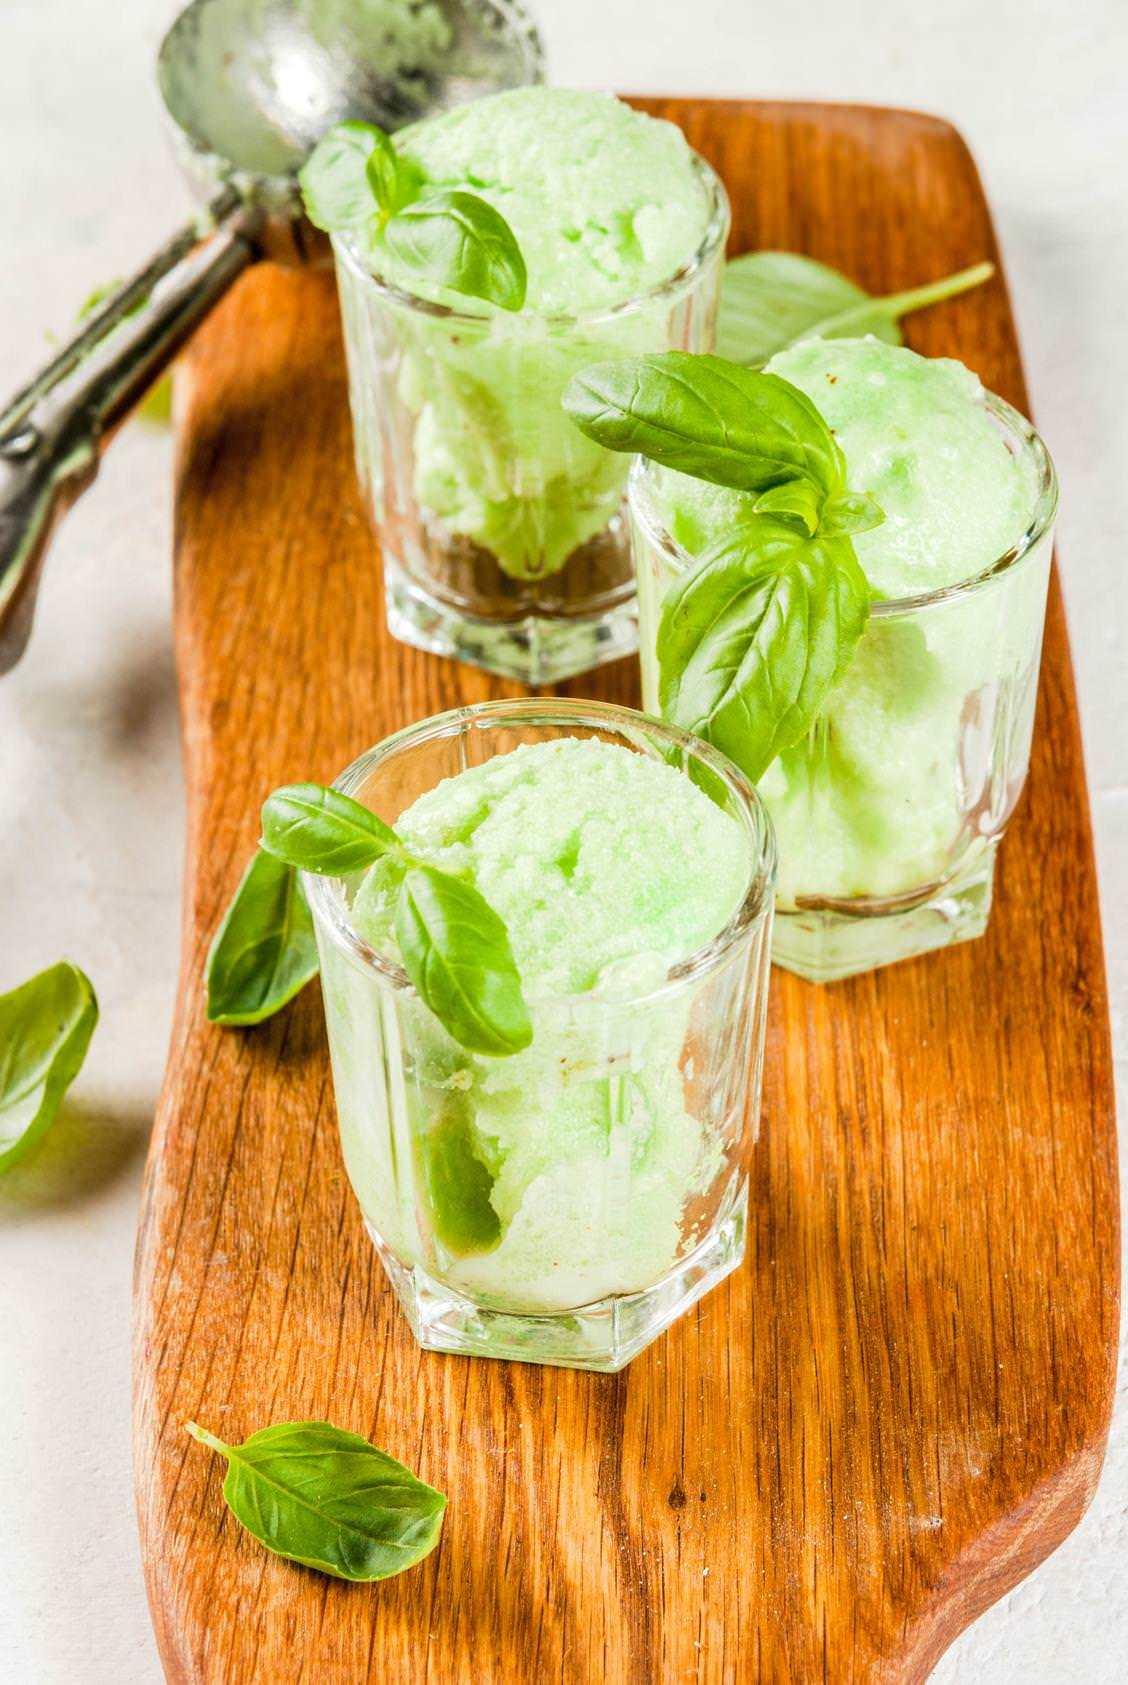 Rezepte: Gurken-Melonen-Sorbet mit Basilikum und Limoncello | NZZ Bellevue